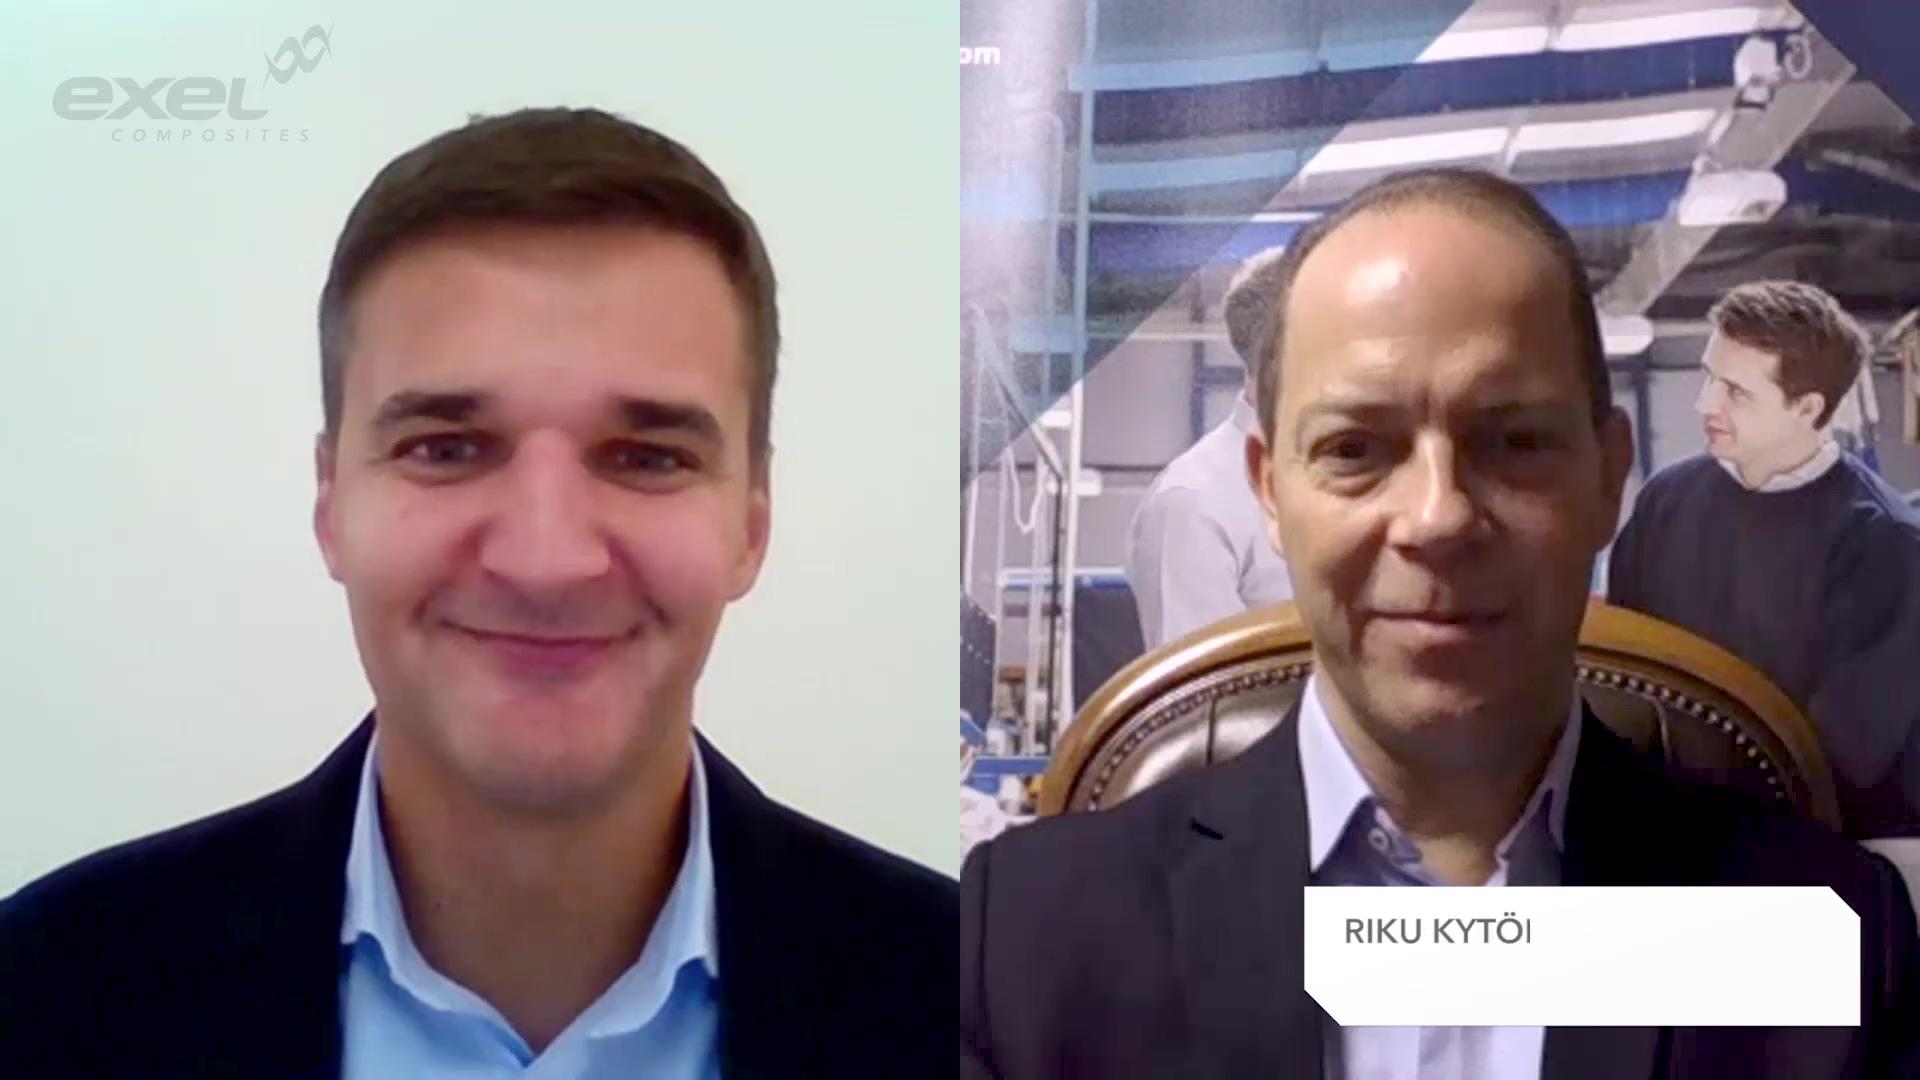 Exel Composites Q320 interview with CEO Riku Kytömäki